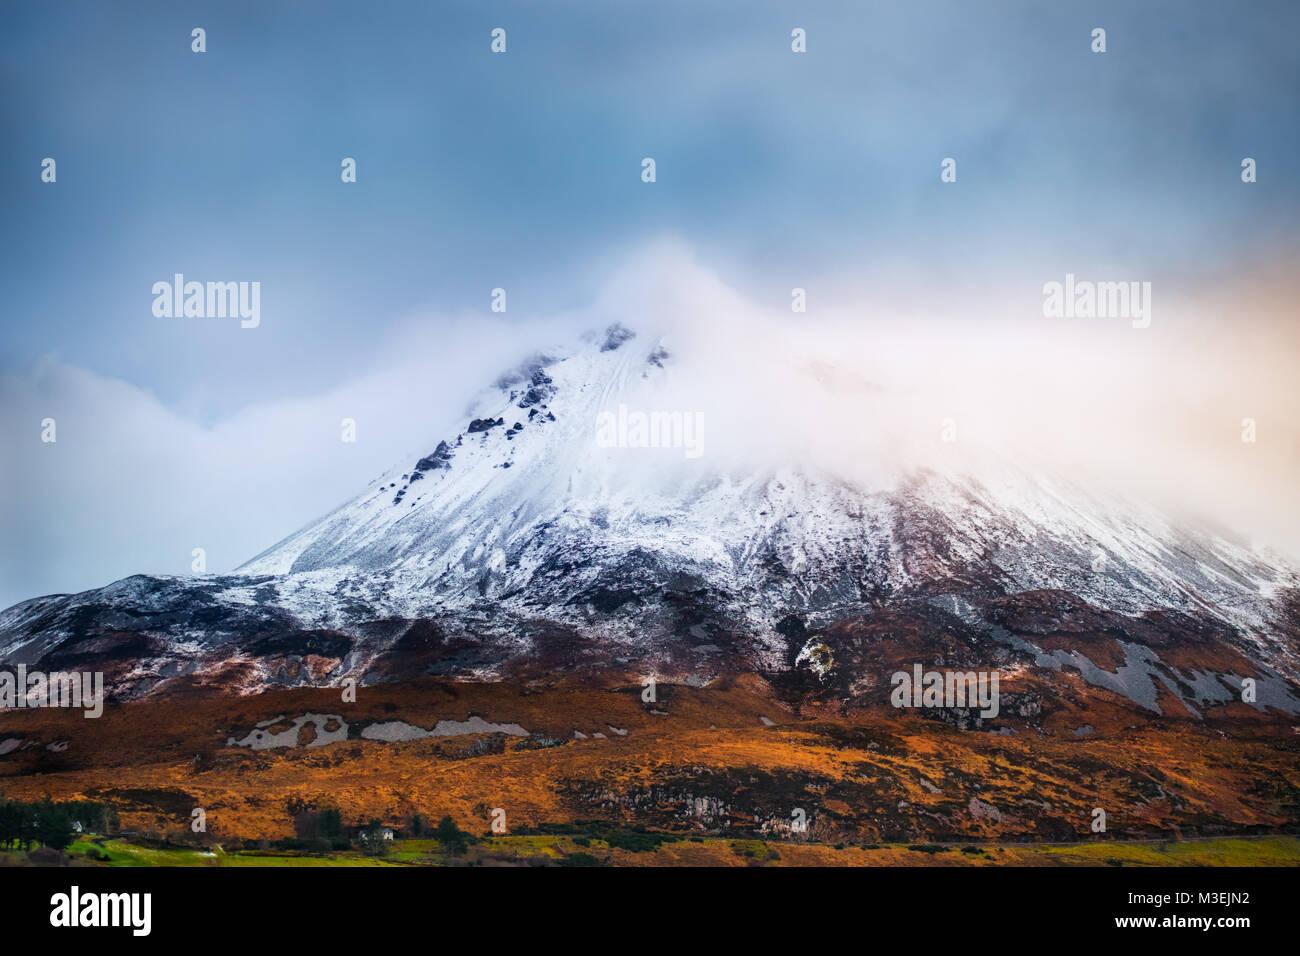 Mount Errigal in Ireland - Stock Image